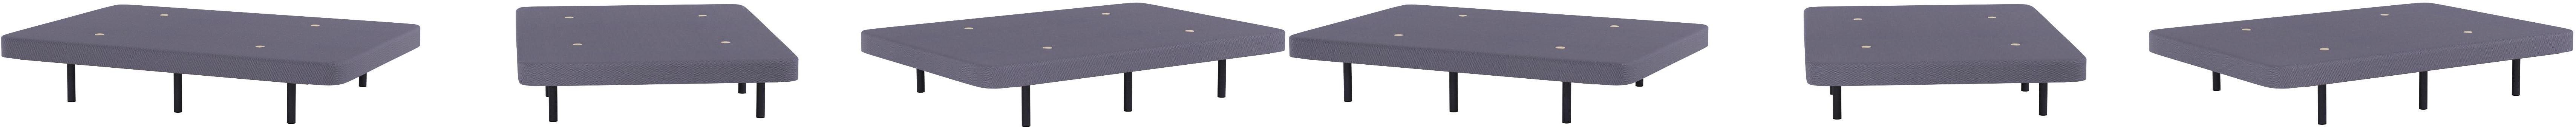 HOGAR24 Base Tapizada con 5 Barras Transversales y Tejido 3D Color Gris + 6 Patas de Metal 32cm, 135x190cm